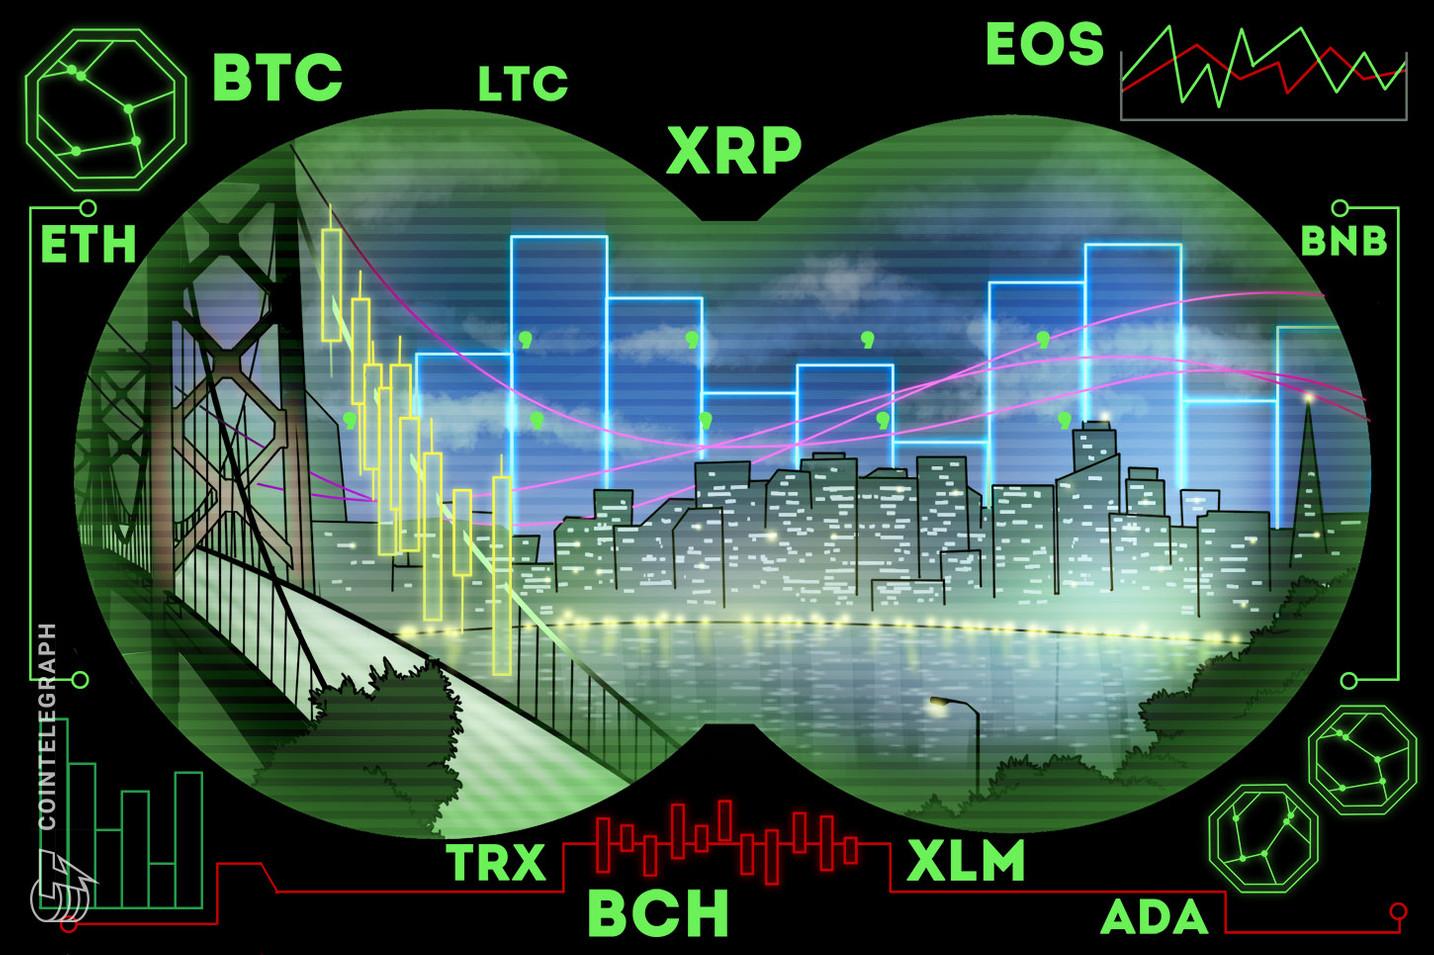 Kursanalyse, 20. Februar: Bitcoin, Ethereum, Ripple, EOS, Litecoin, Bitcoin Cash, Stellar, Tron, Binance Coin, Cardano